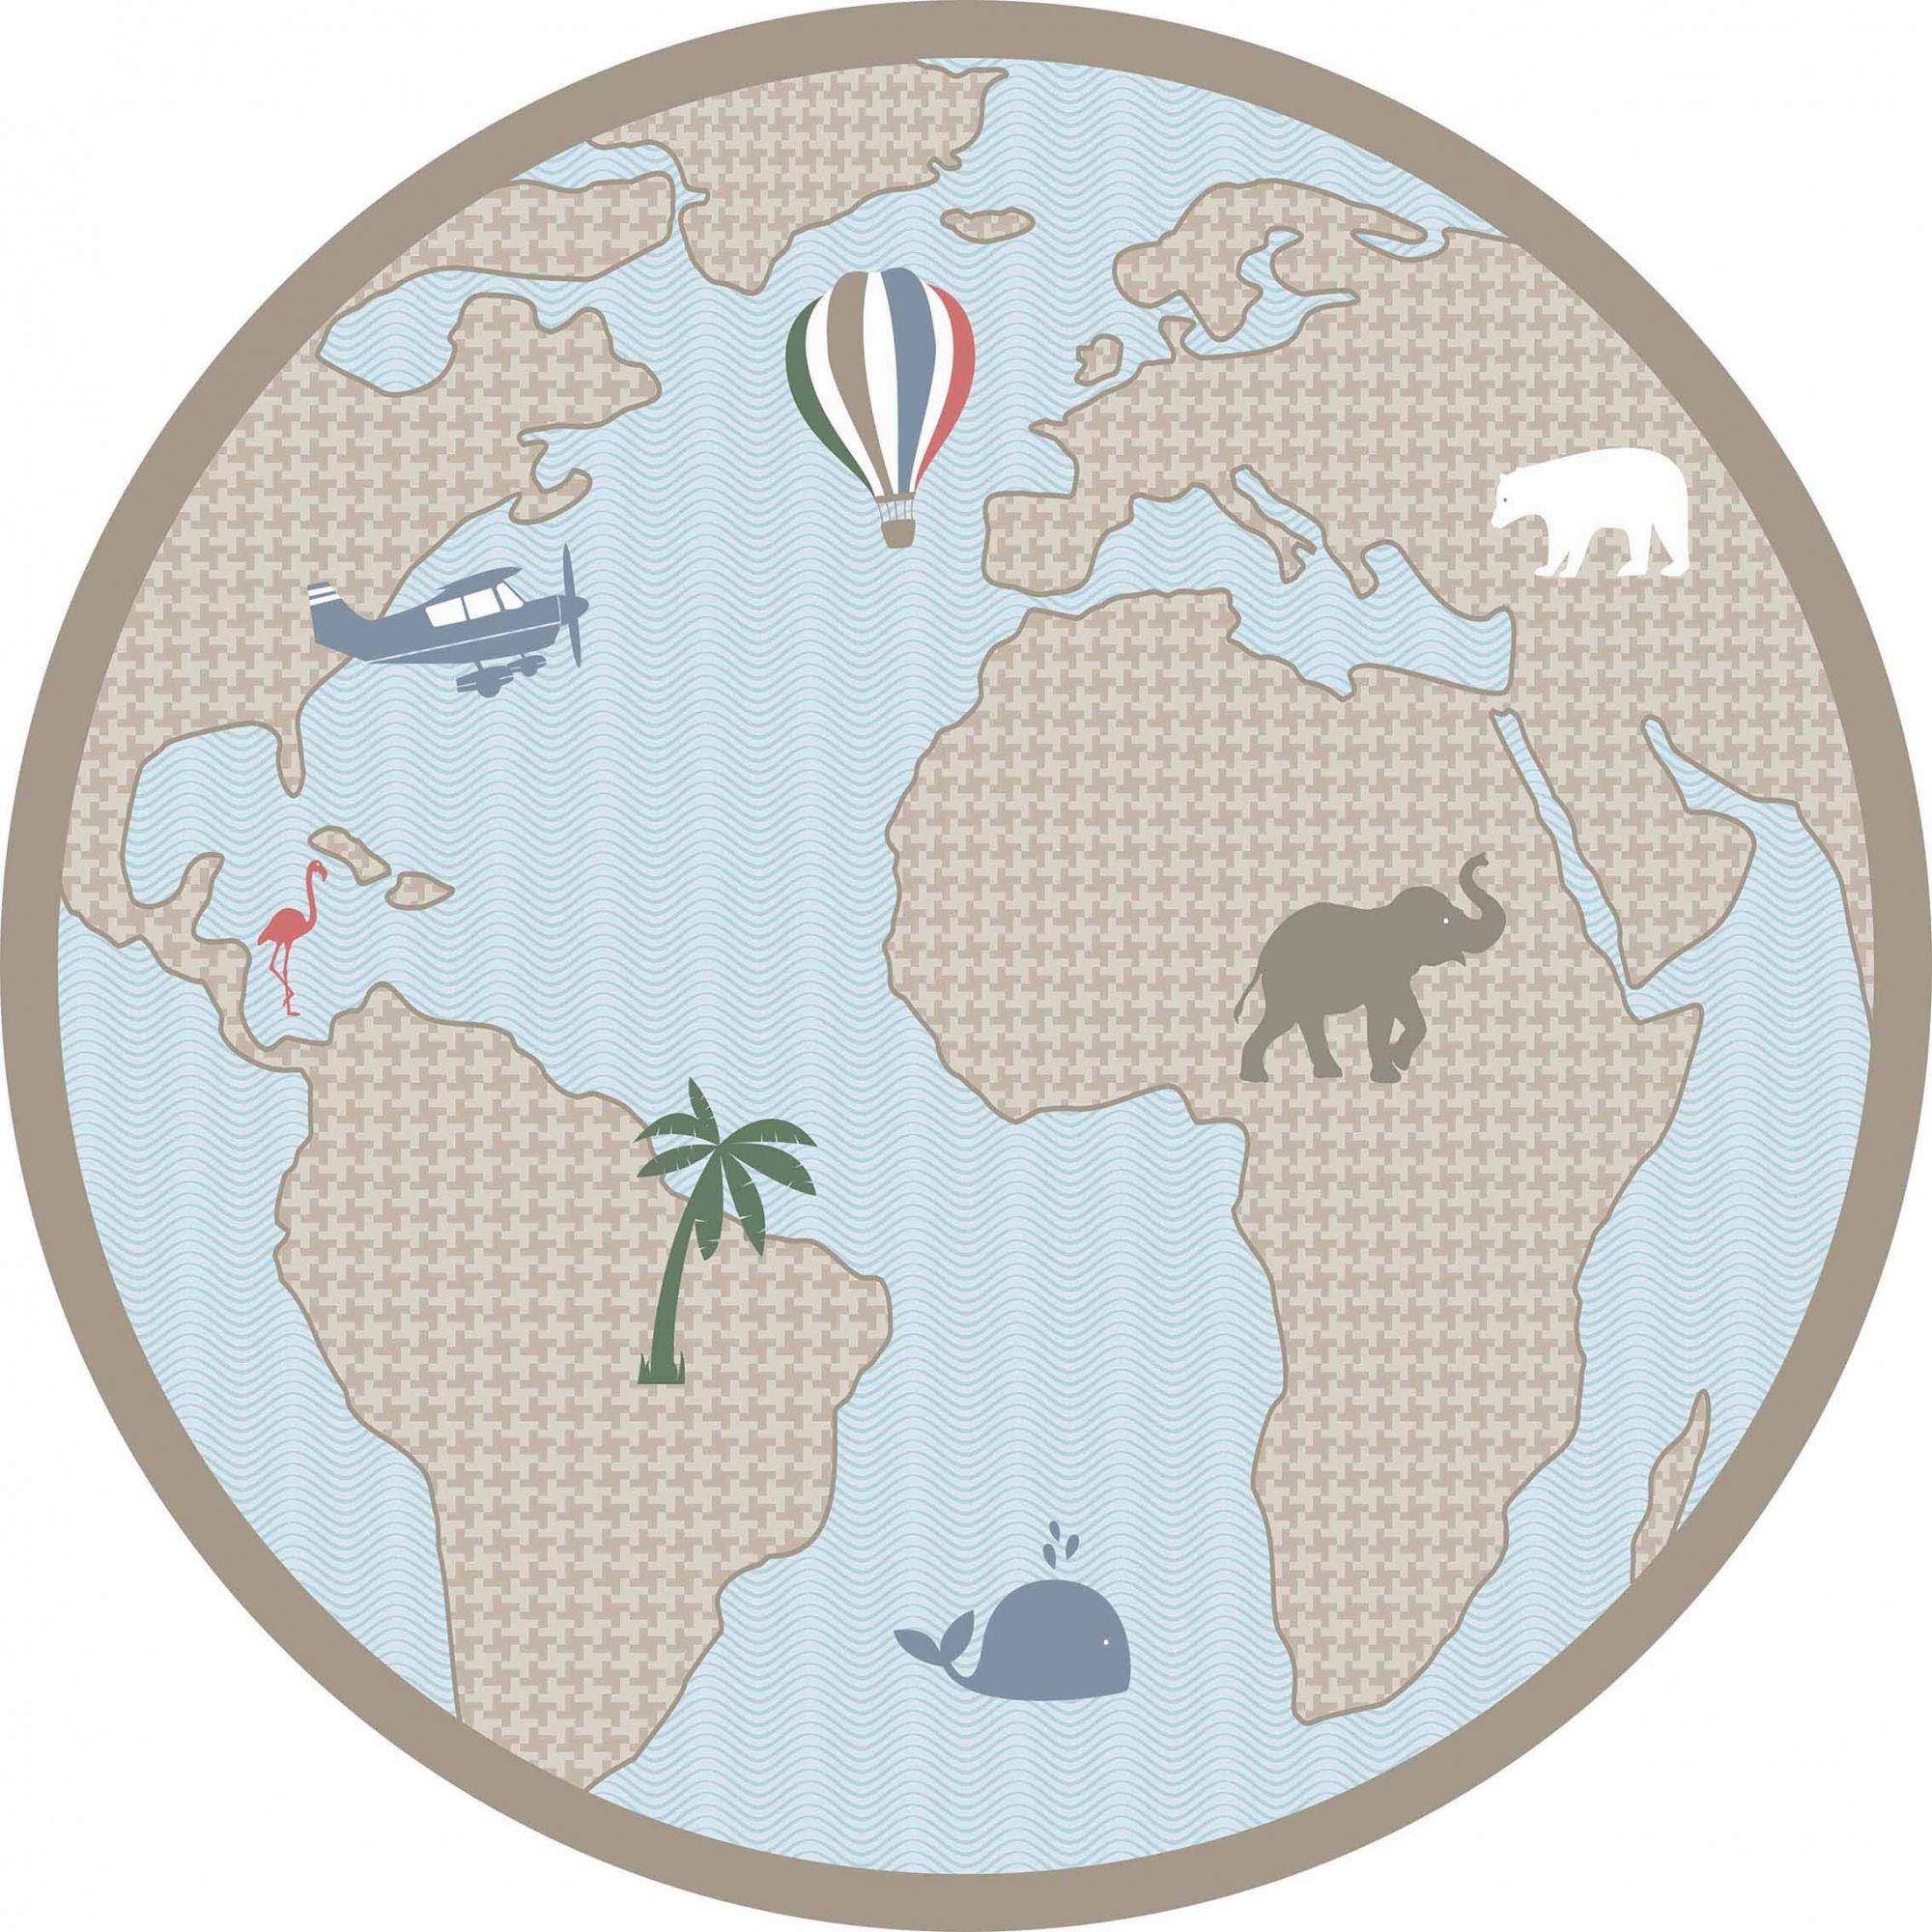 Tapete vinílico infantil Mapa Colorido